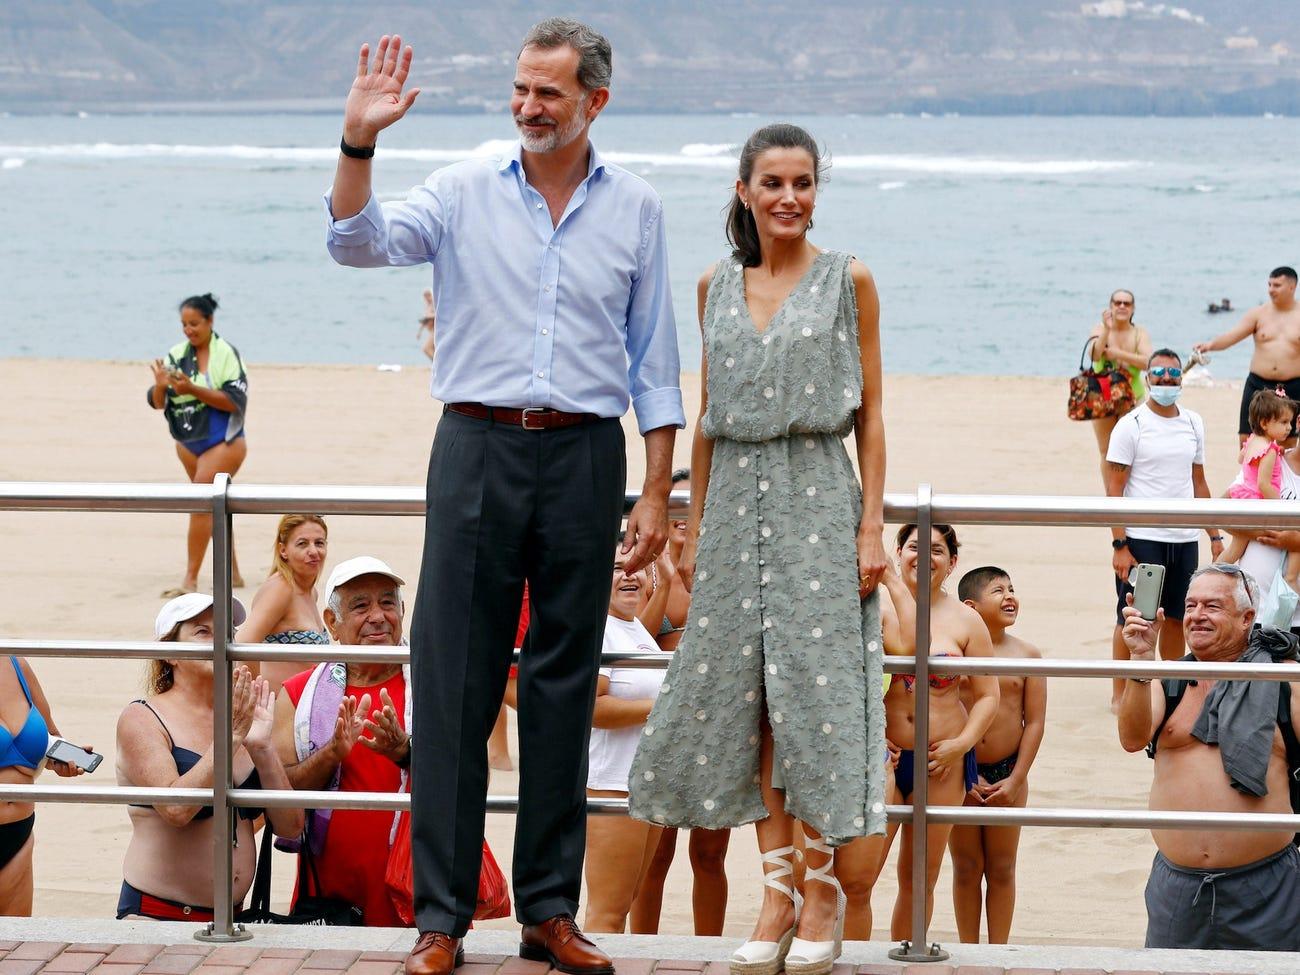 الملكة وزوجها بجزر الكنارى